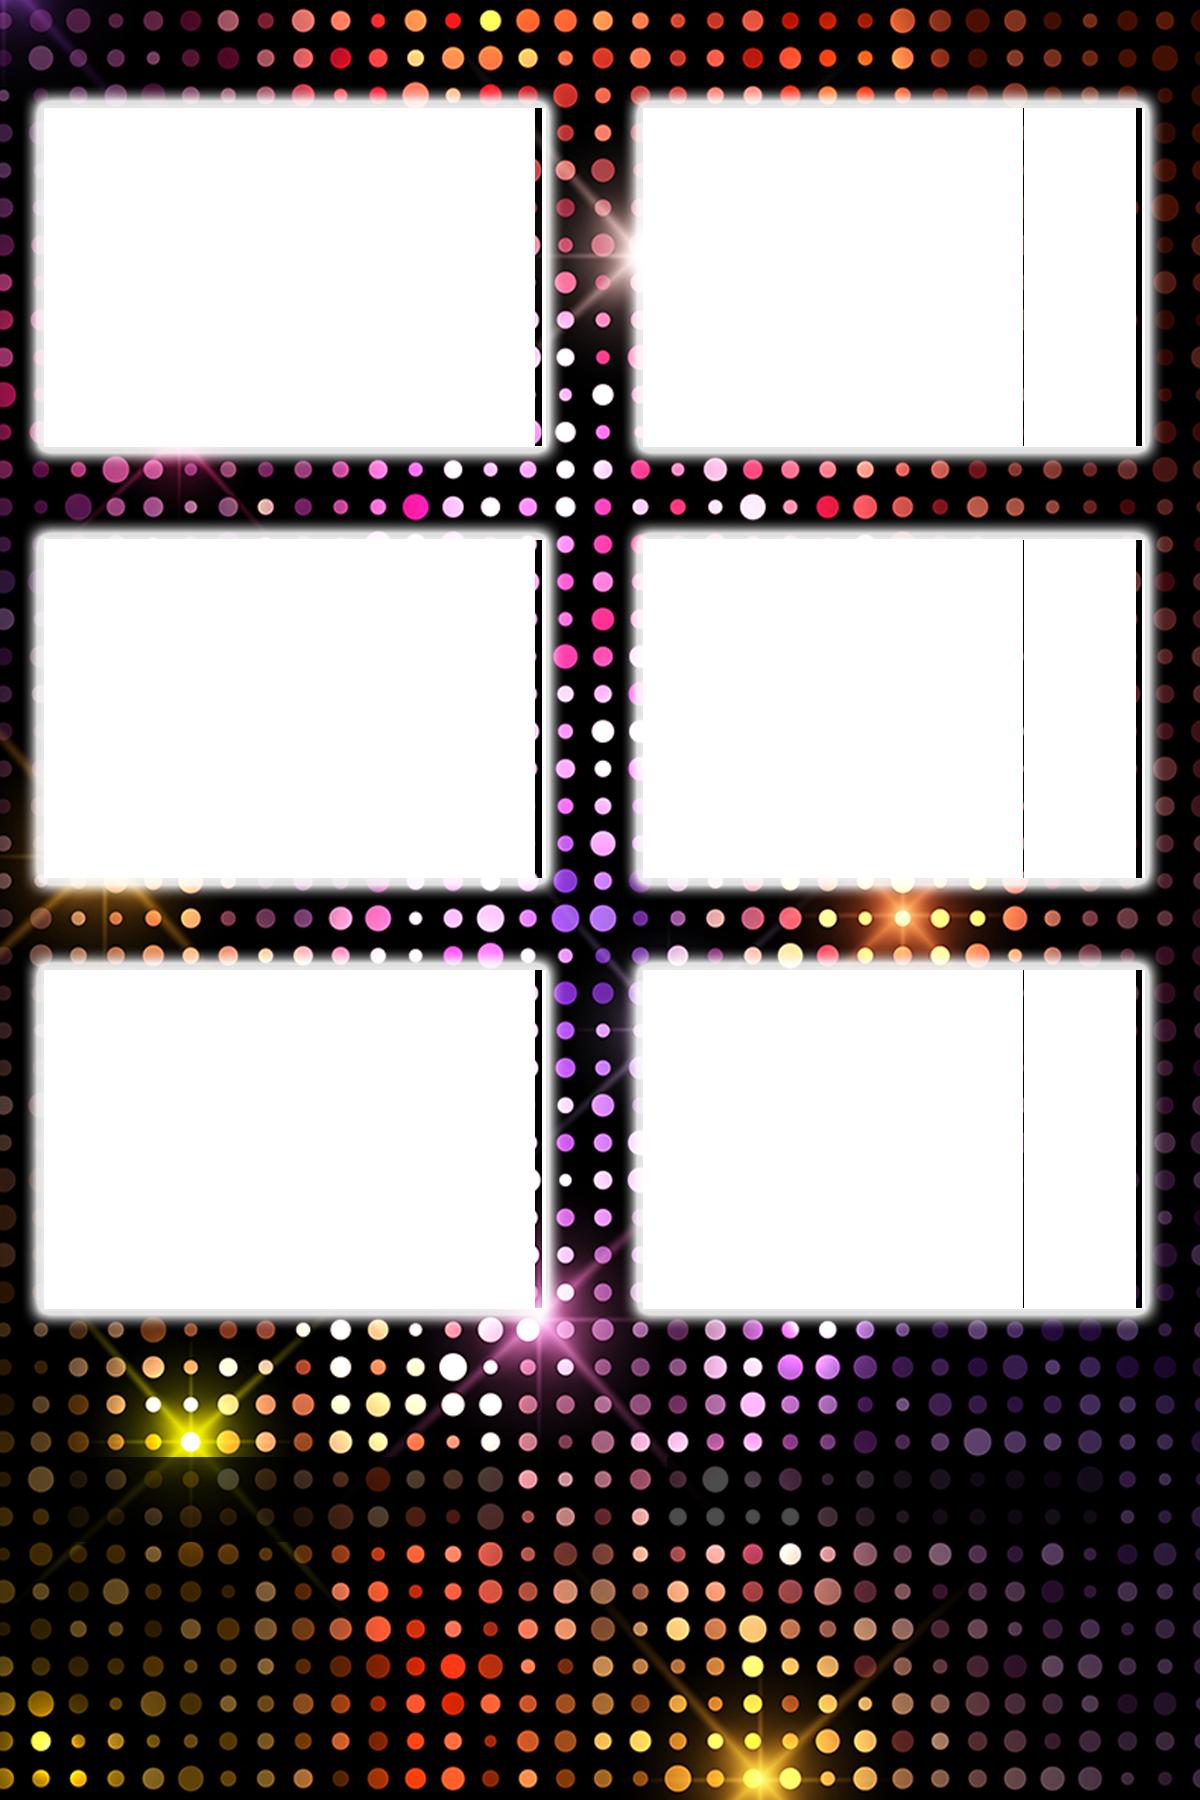 Strip_H3_Disco.png